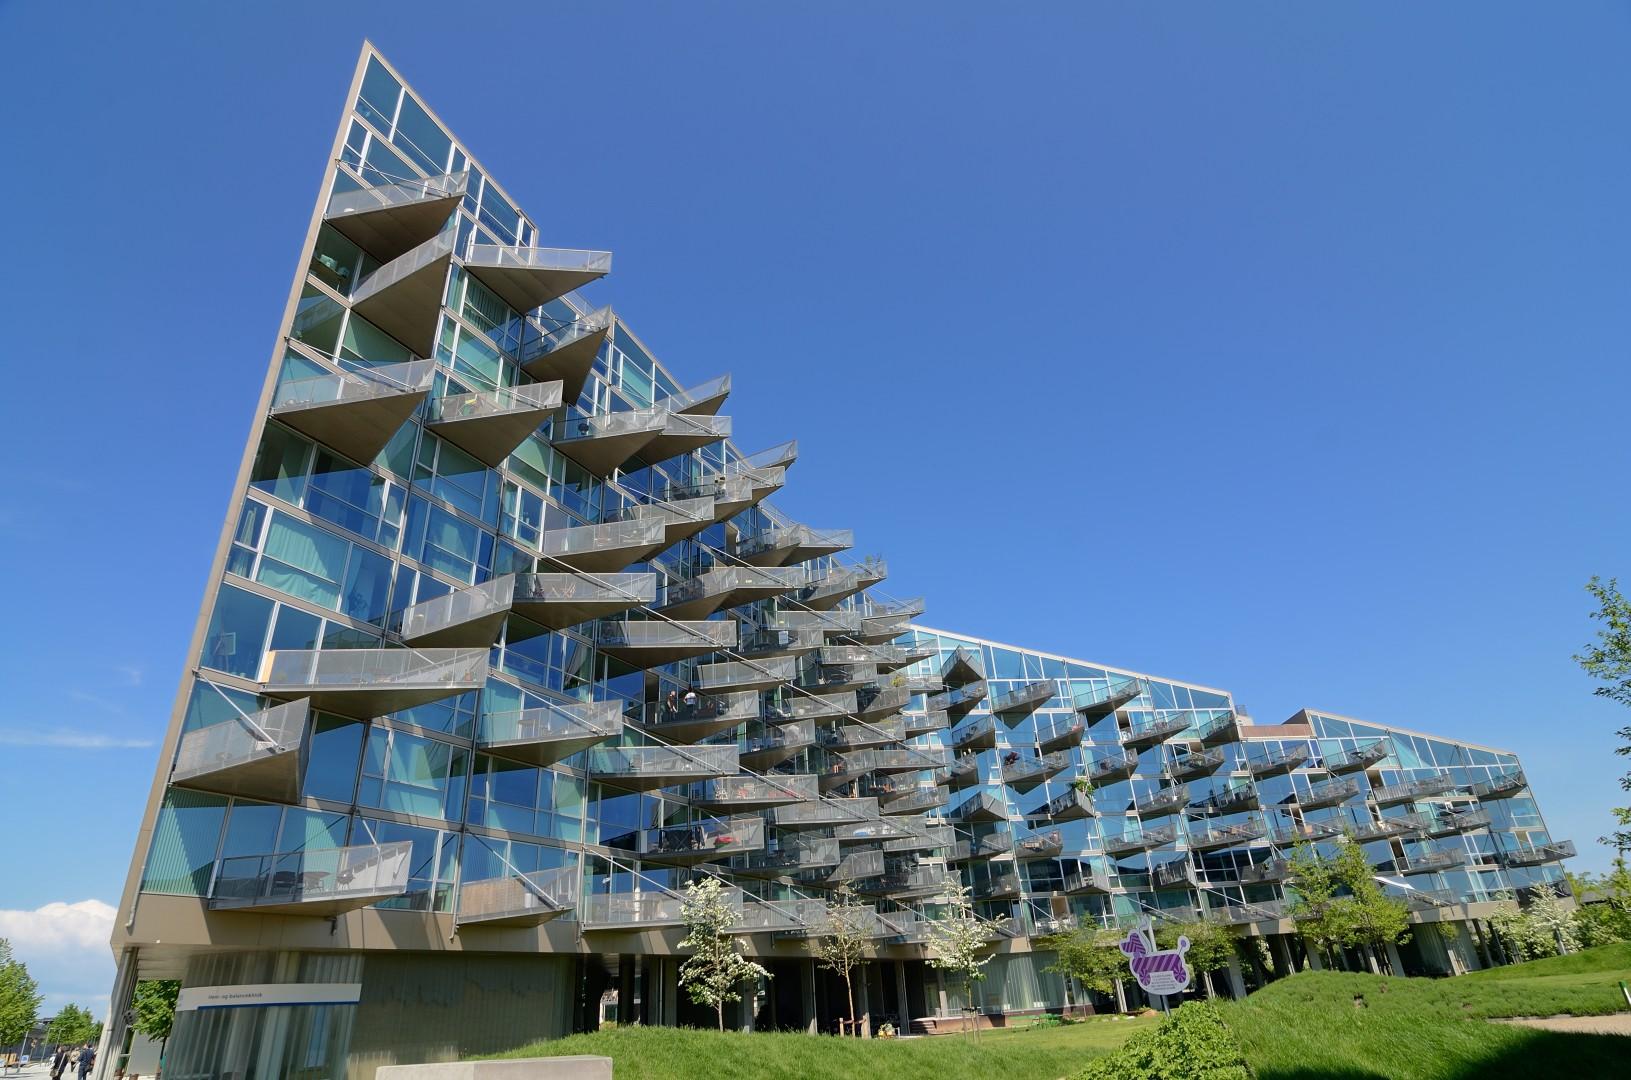 Architektur Kopenhagen | Kategorie Kopenhagen Seite 2 Theos Weblog Bilder Co